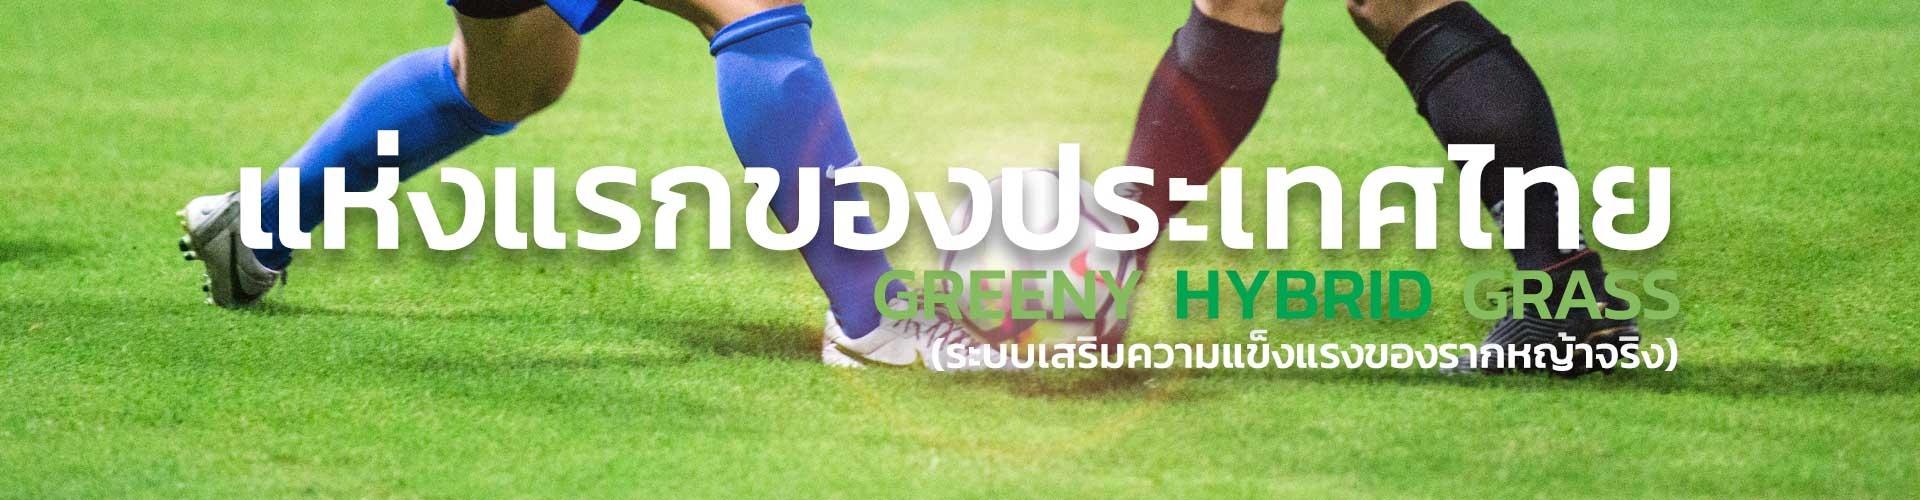 สนามฟุตบอลหญ้าจริงผสมหญ้าเทียม